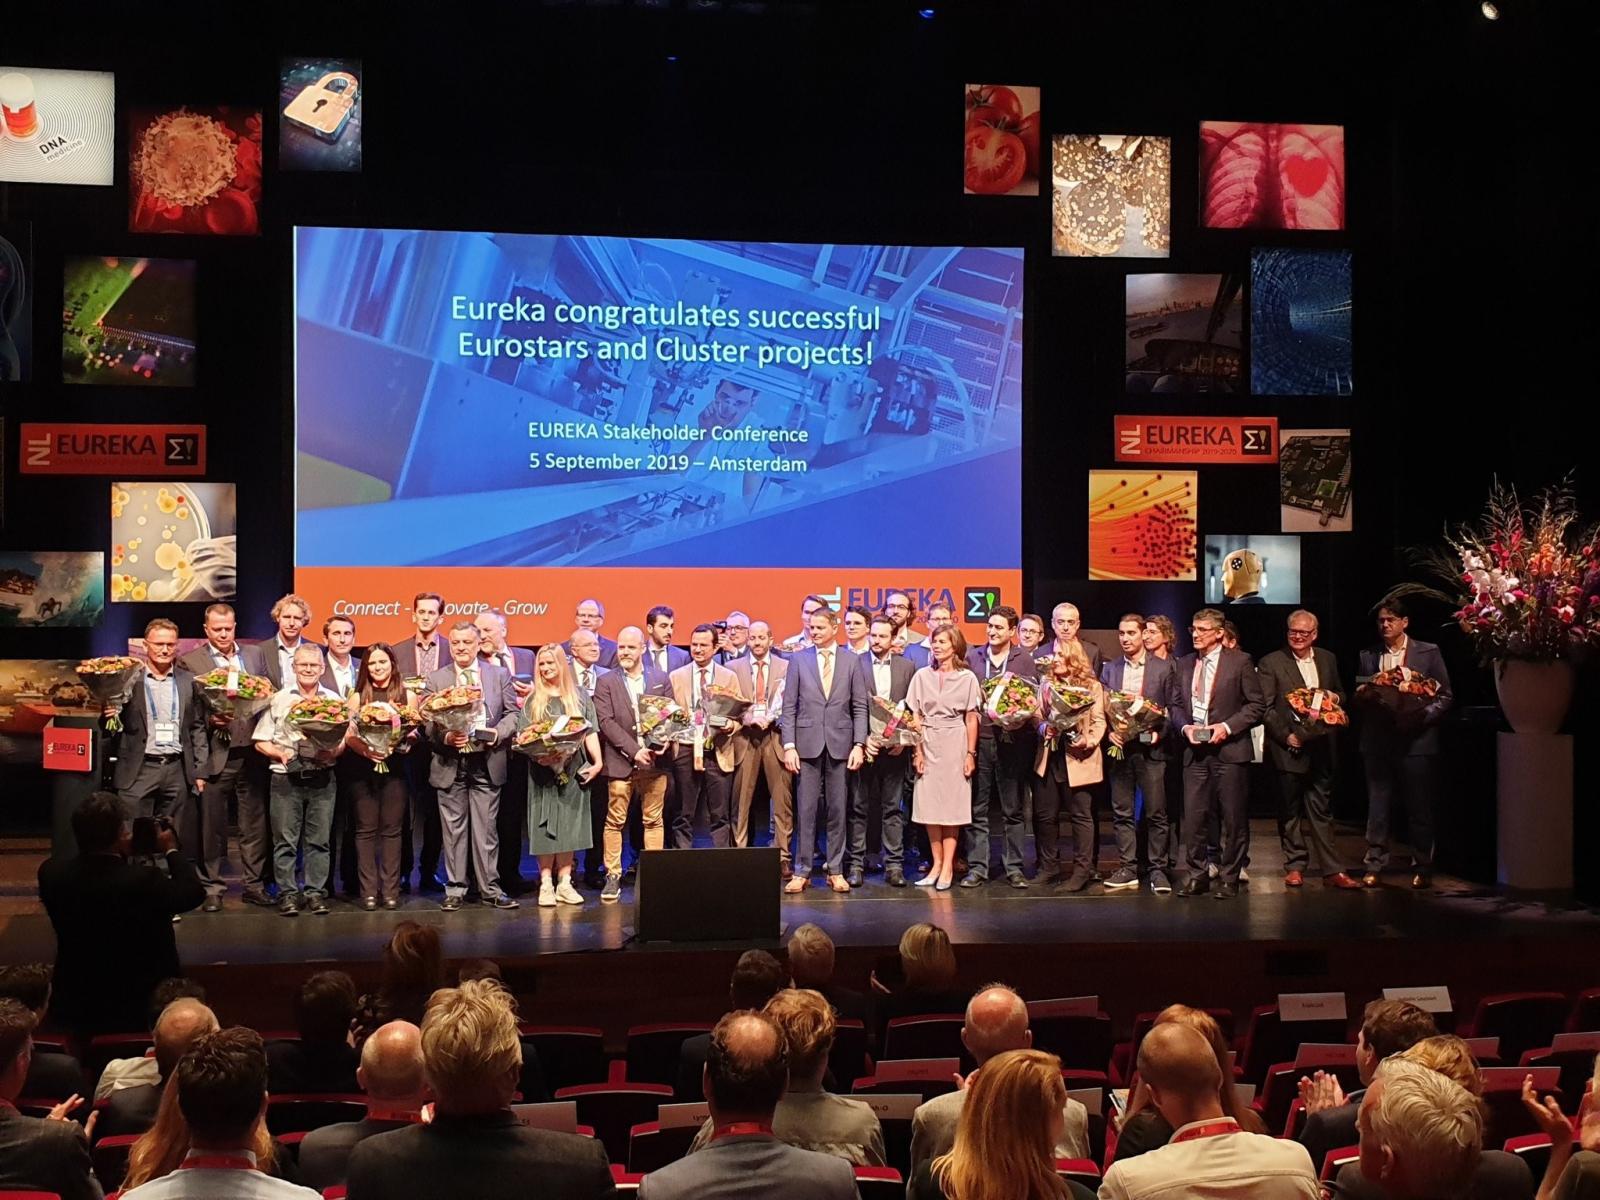 Die Besten Gelder Für 2021 - Portgartra6